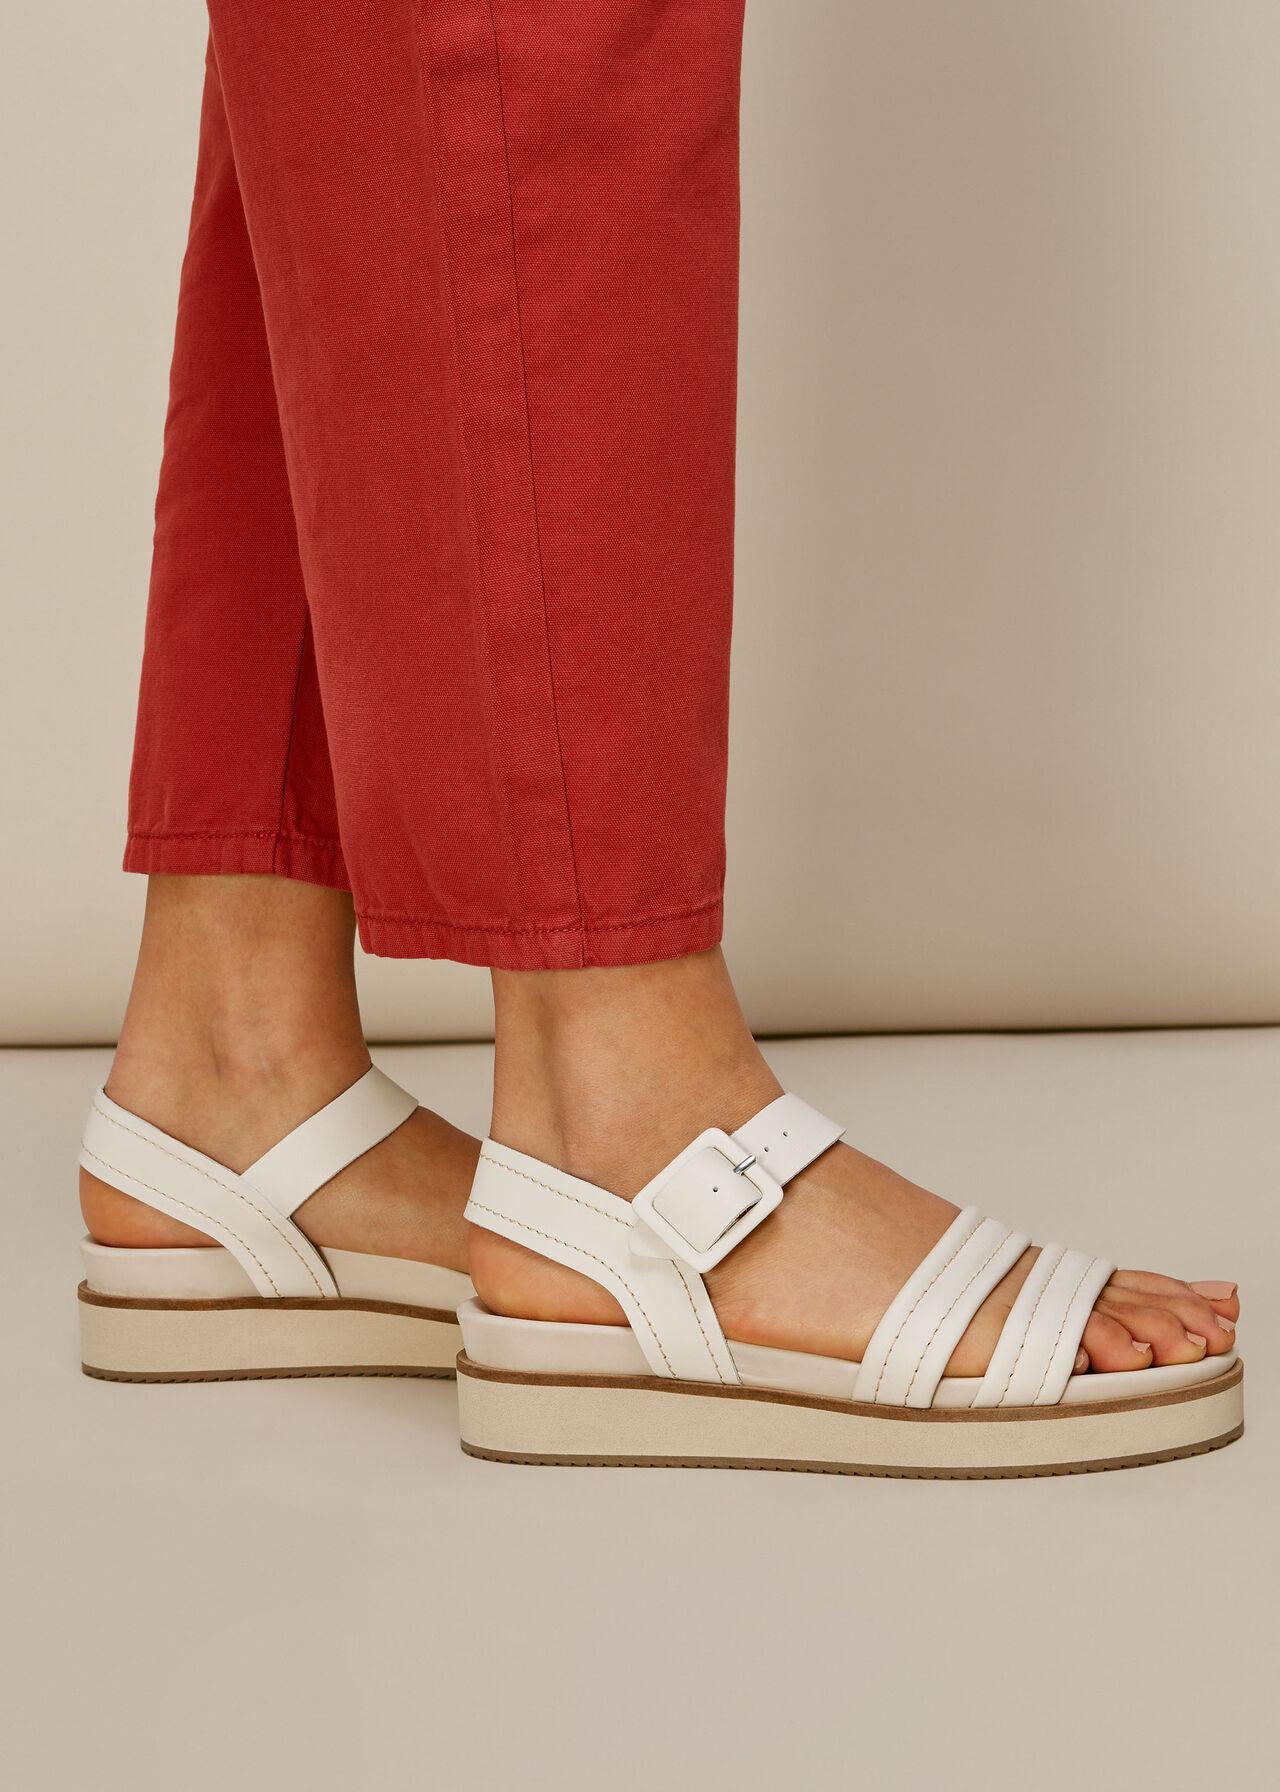 Koby Contrast Stitch Sandal White